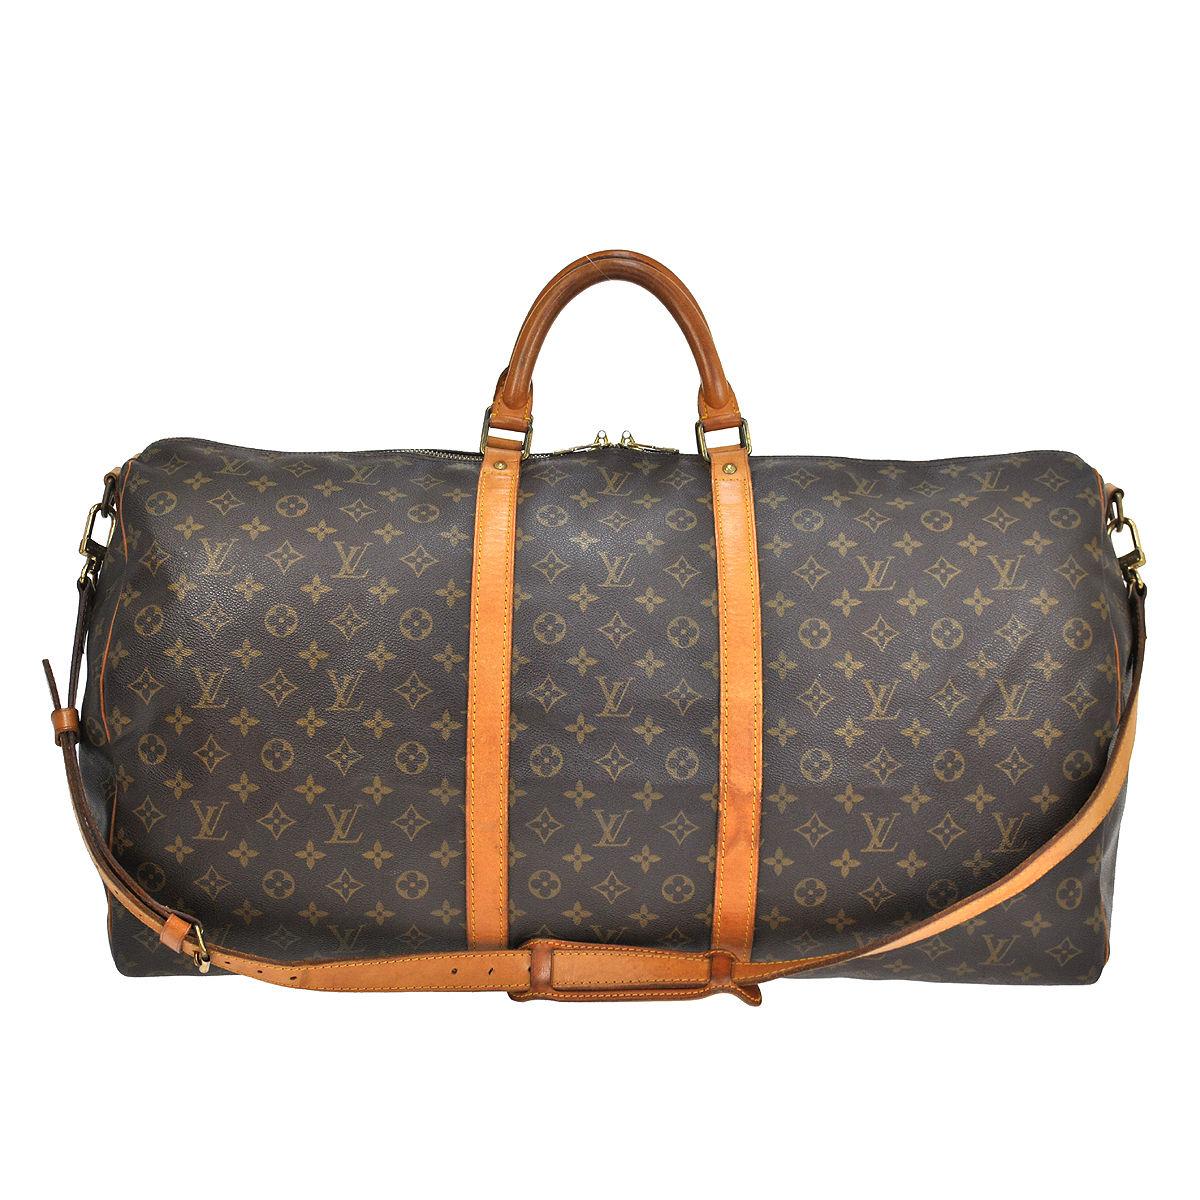 Buy Cheap Louis Vuitton Bags - CEAGESP d735954a7